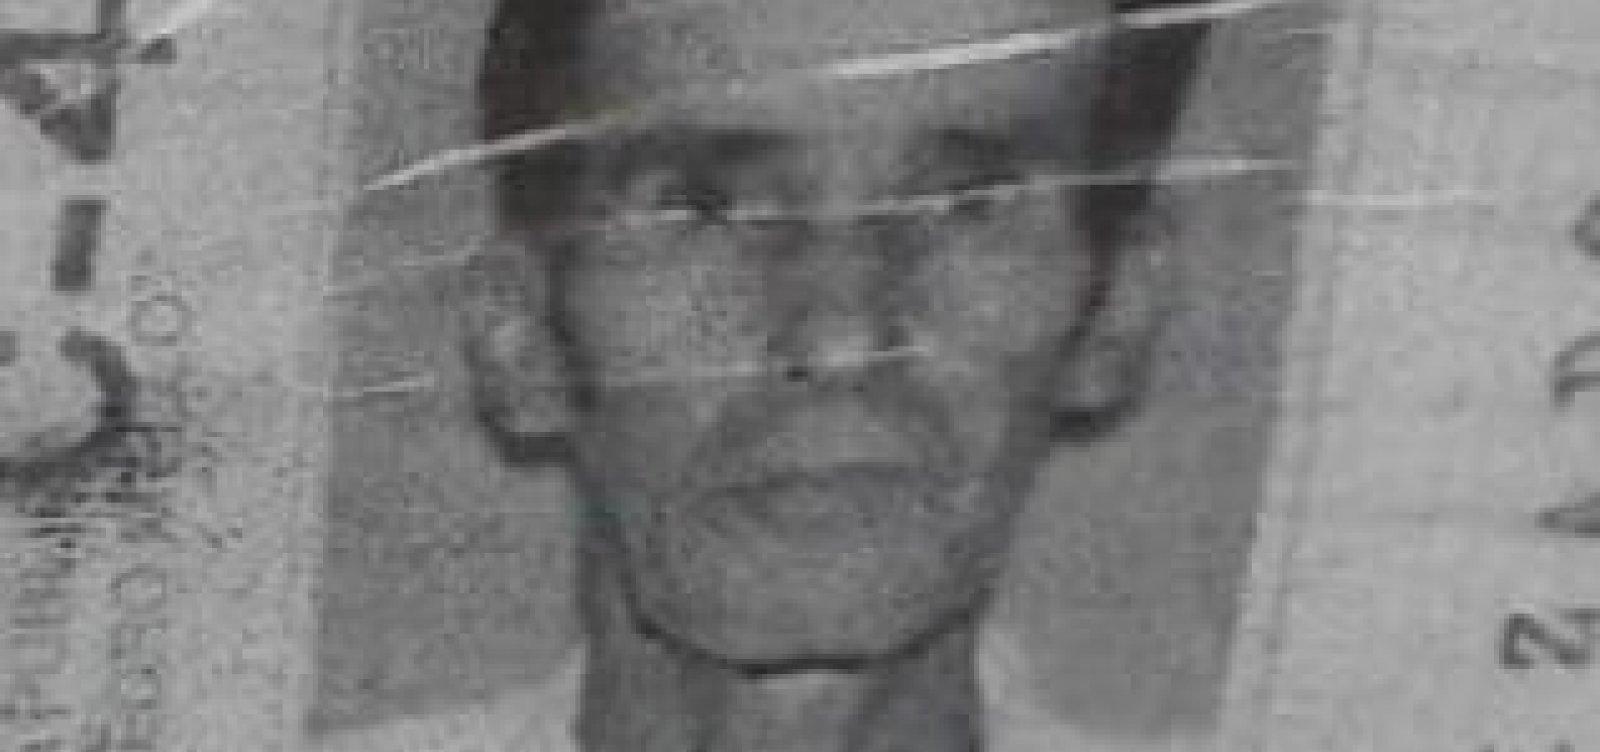 Polícia prende homem que matou próprio pai a facadas em município da Bahia